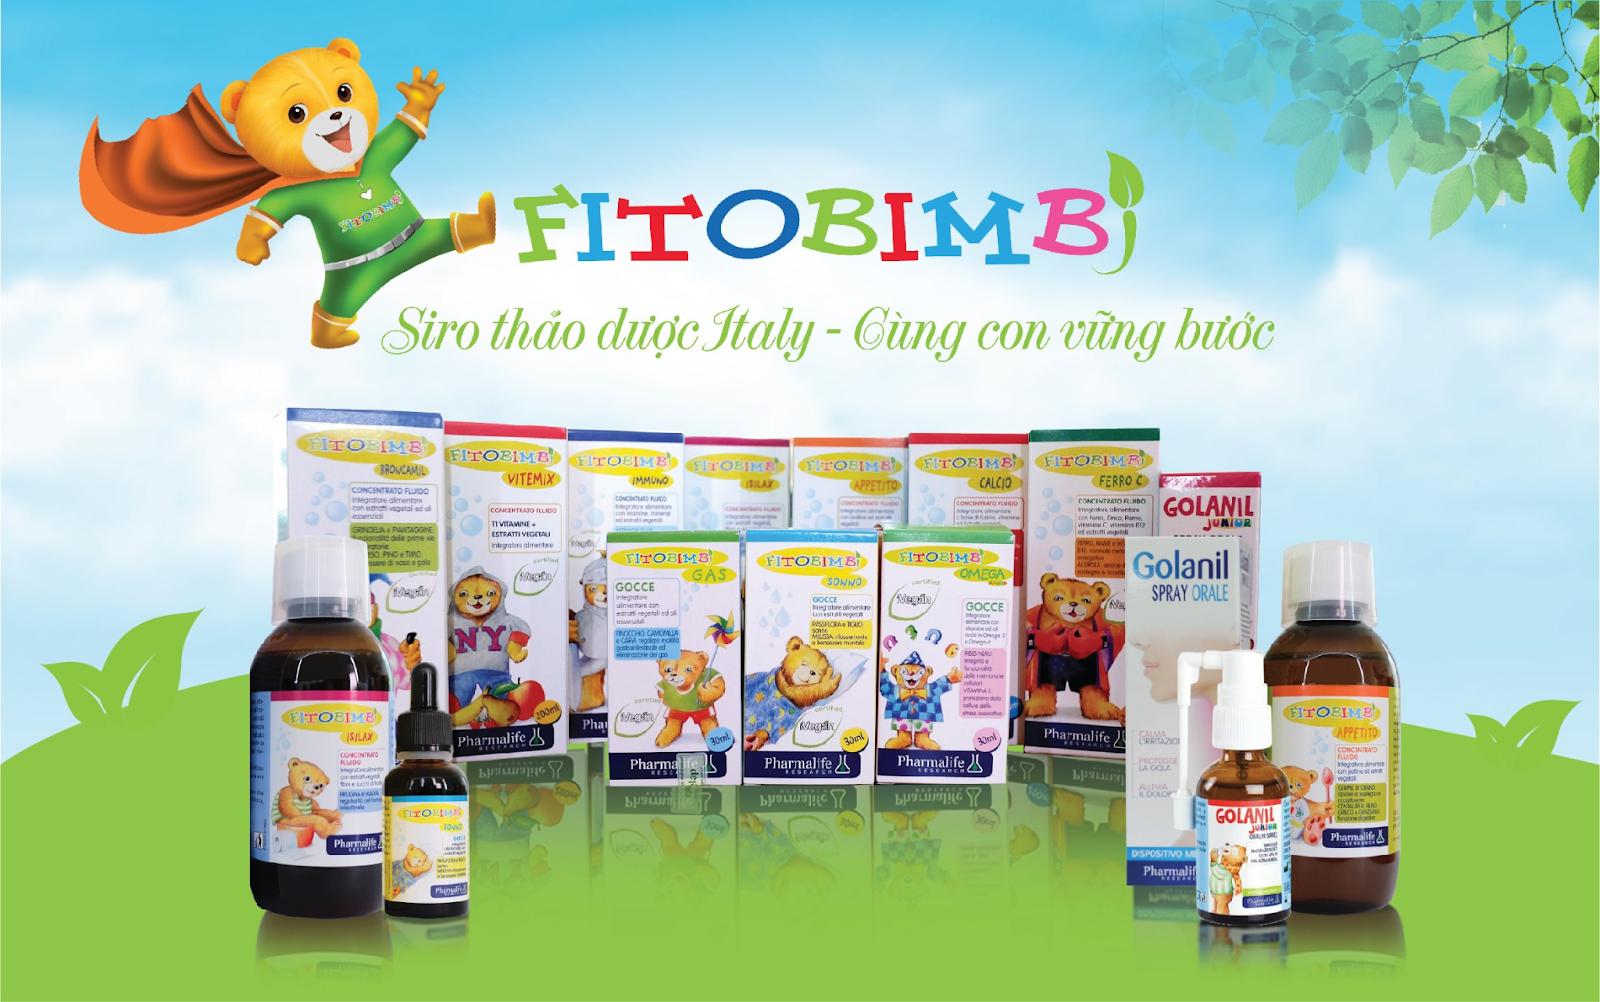 Siro ho Fitobimbi Propoli lựa chọn thông minh